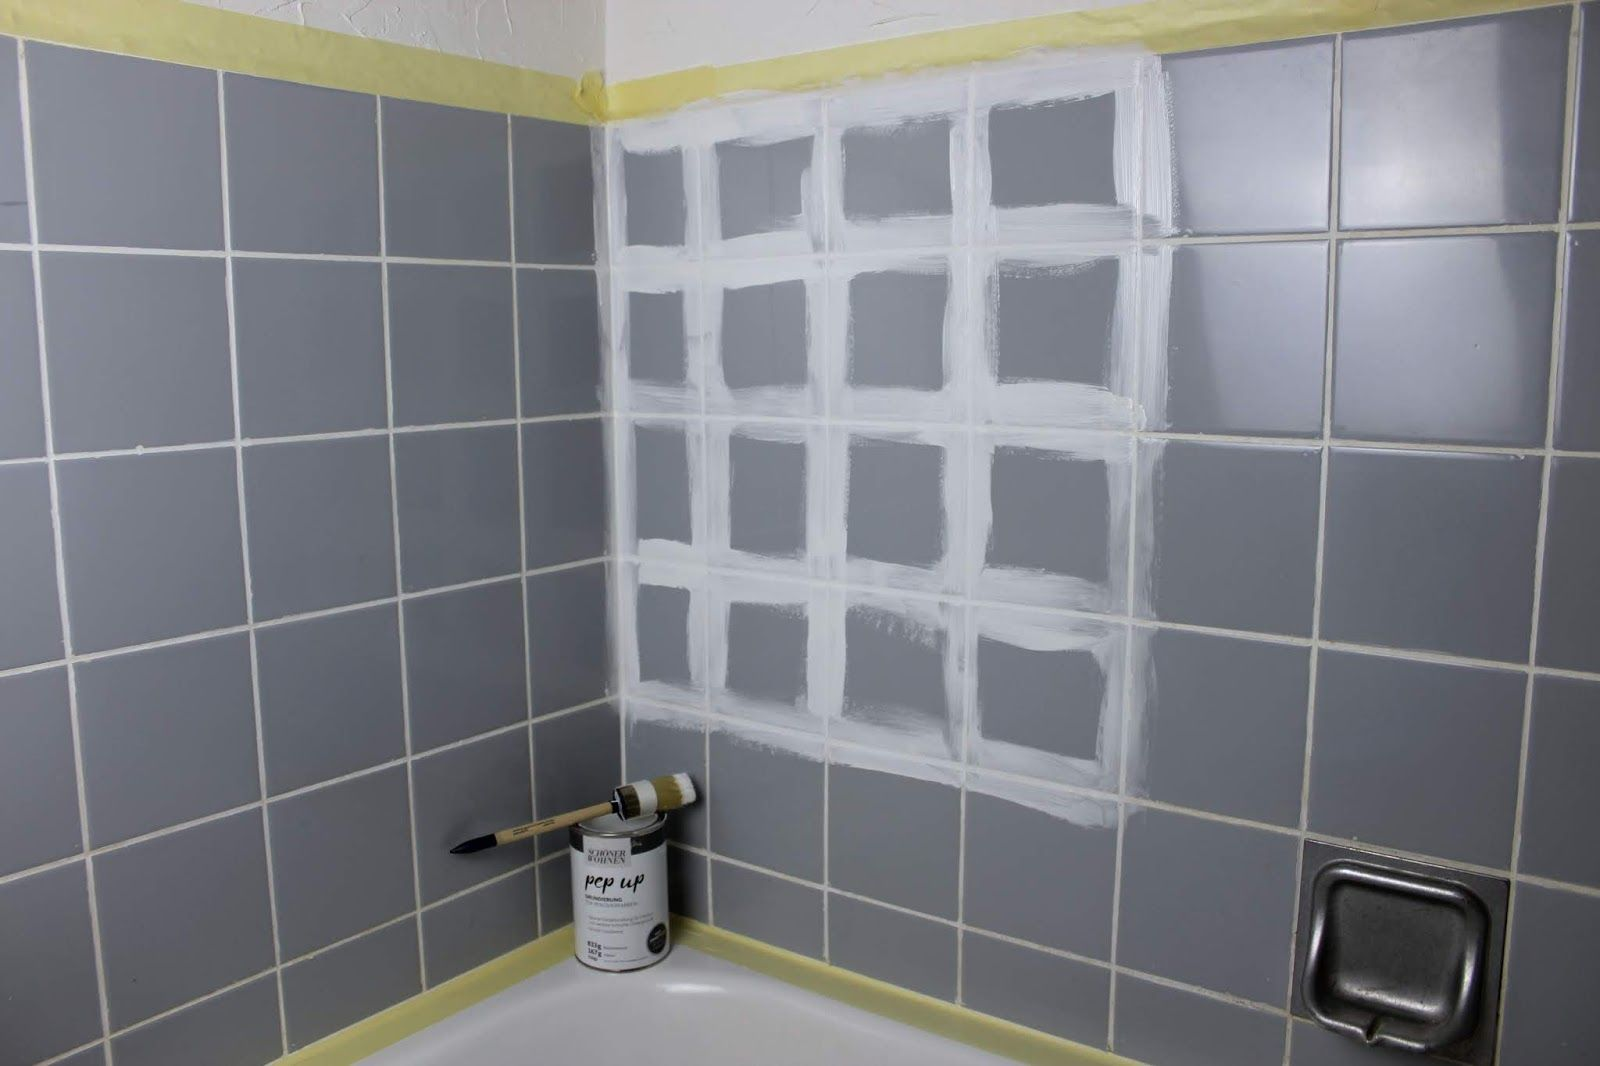 Diy Badezimmer Streichen Und Renovieren Mit Fliesenfarbe Badezimmer Streichen Renovieren Badezimmer